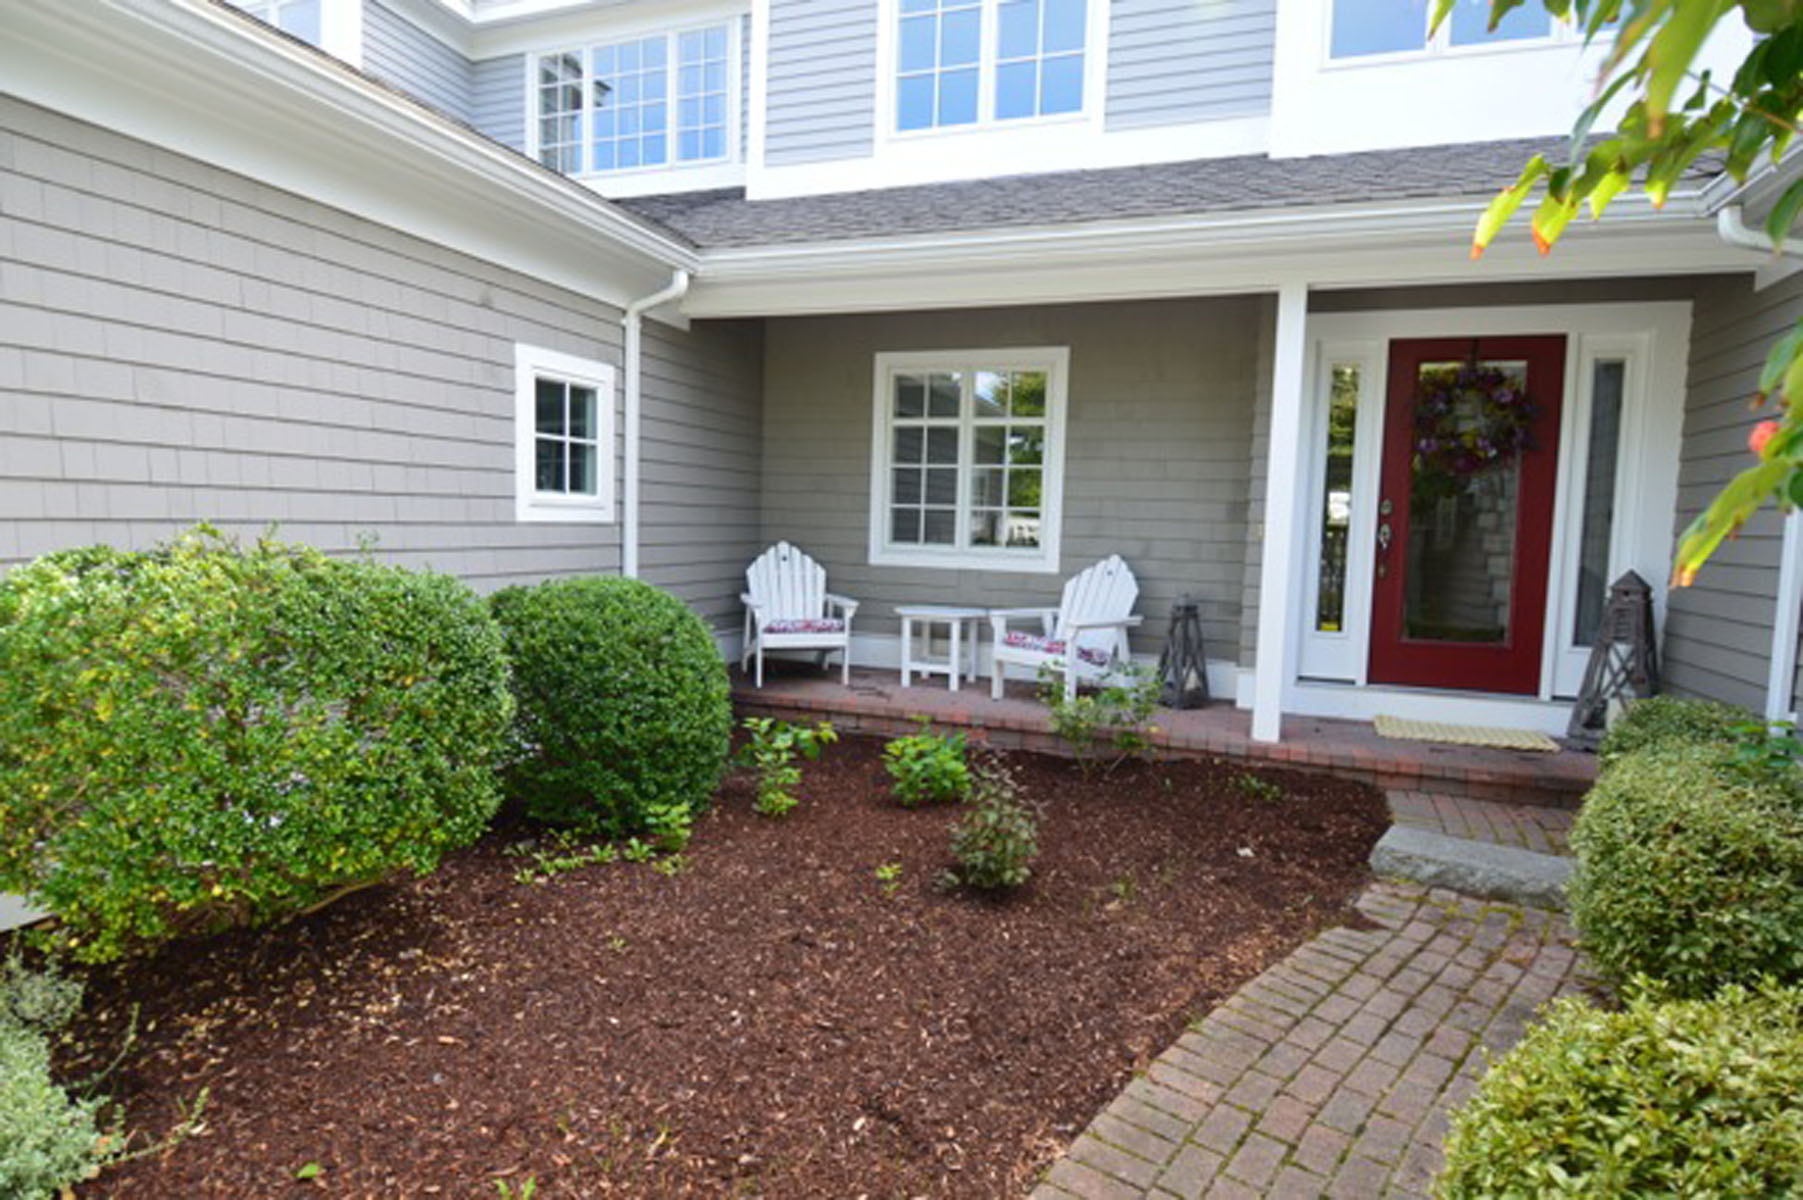 Appartement en copropriété pour l Vente à PRISTINE CONDOMINIUM 68 Sea View Lane New Seabury, Massachusetts, 02649 États-UnisDans/Autour: Mashpee